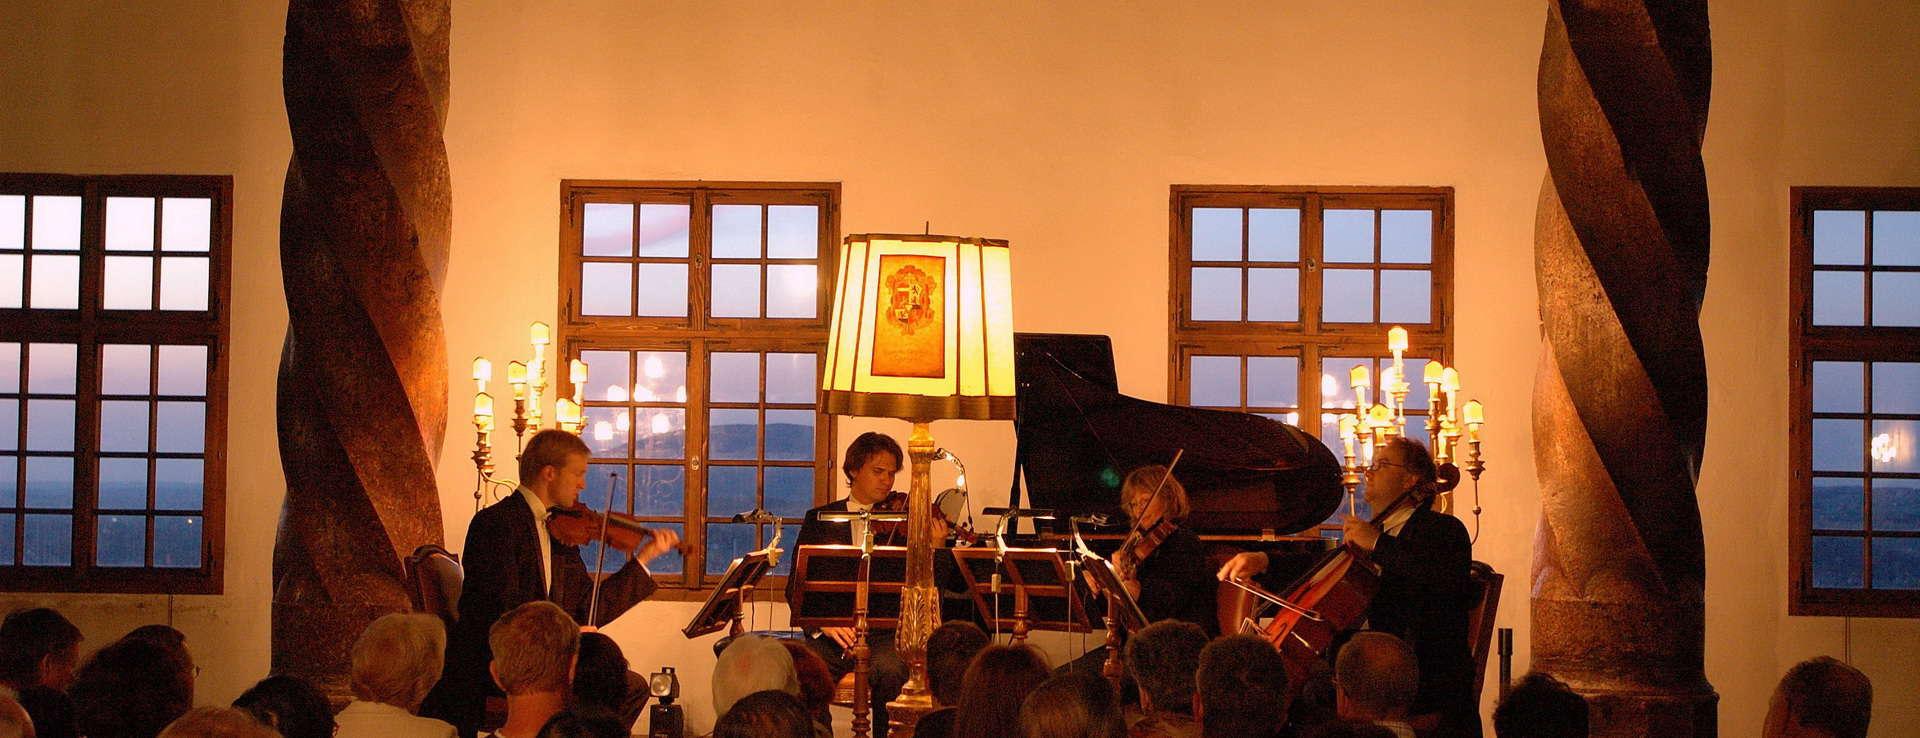 Fästningskonsert på fästning Hohensalzburg i Salzburg Österreich Österrike